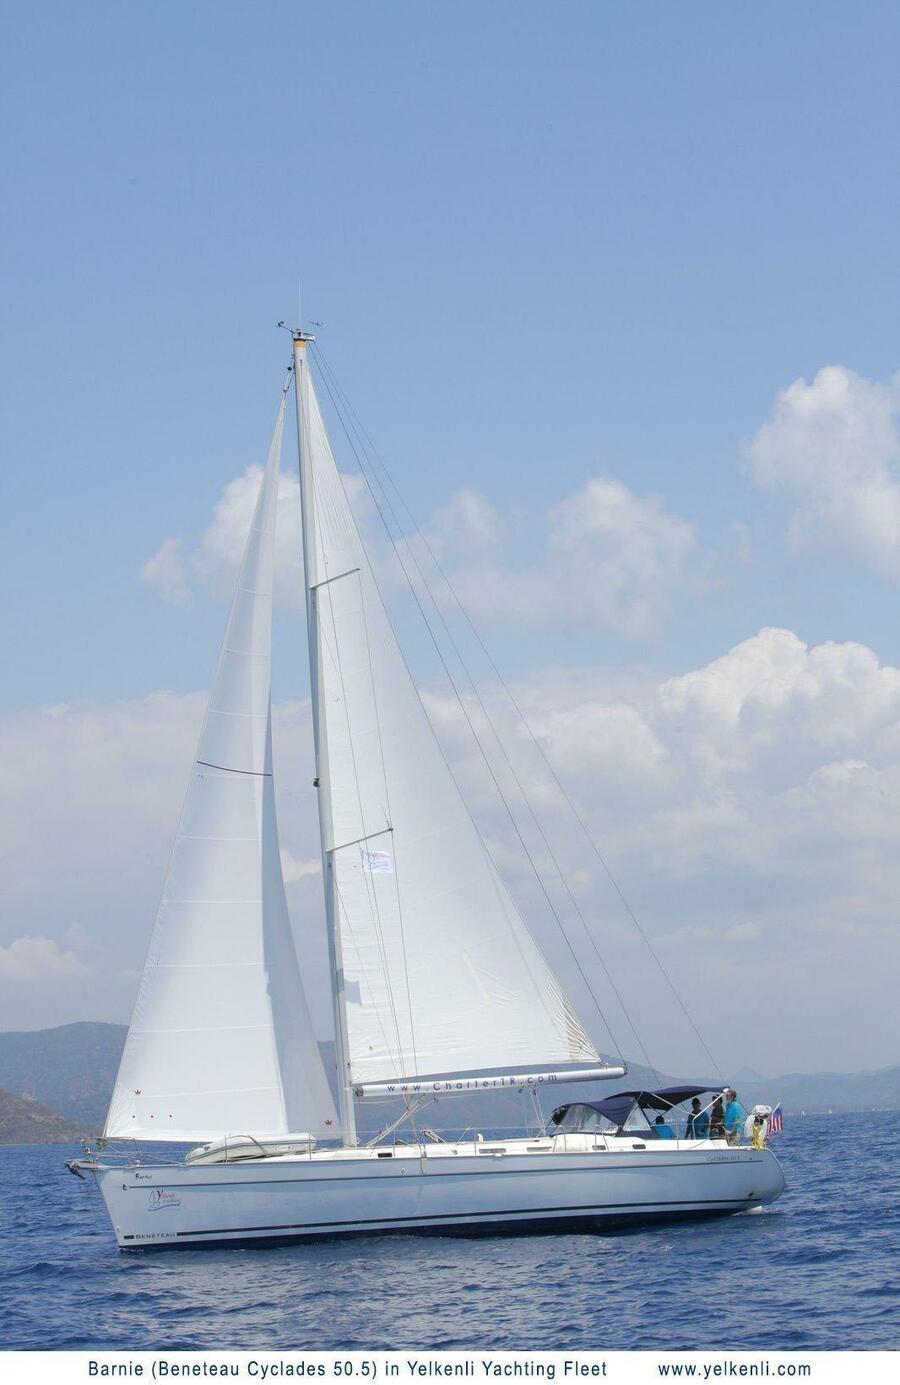 Cyclades 50.5 (Barnie) Sailing - 1